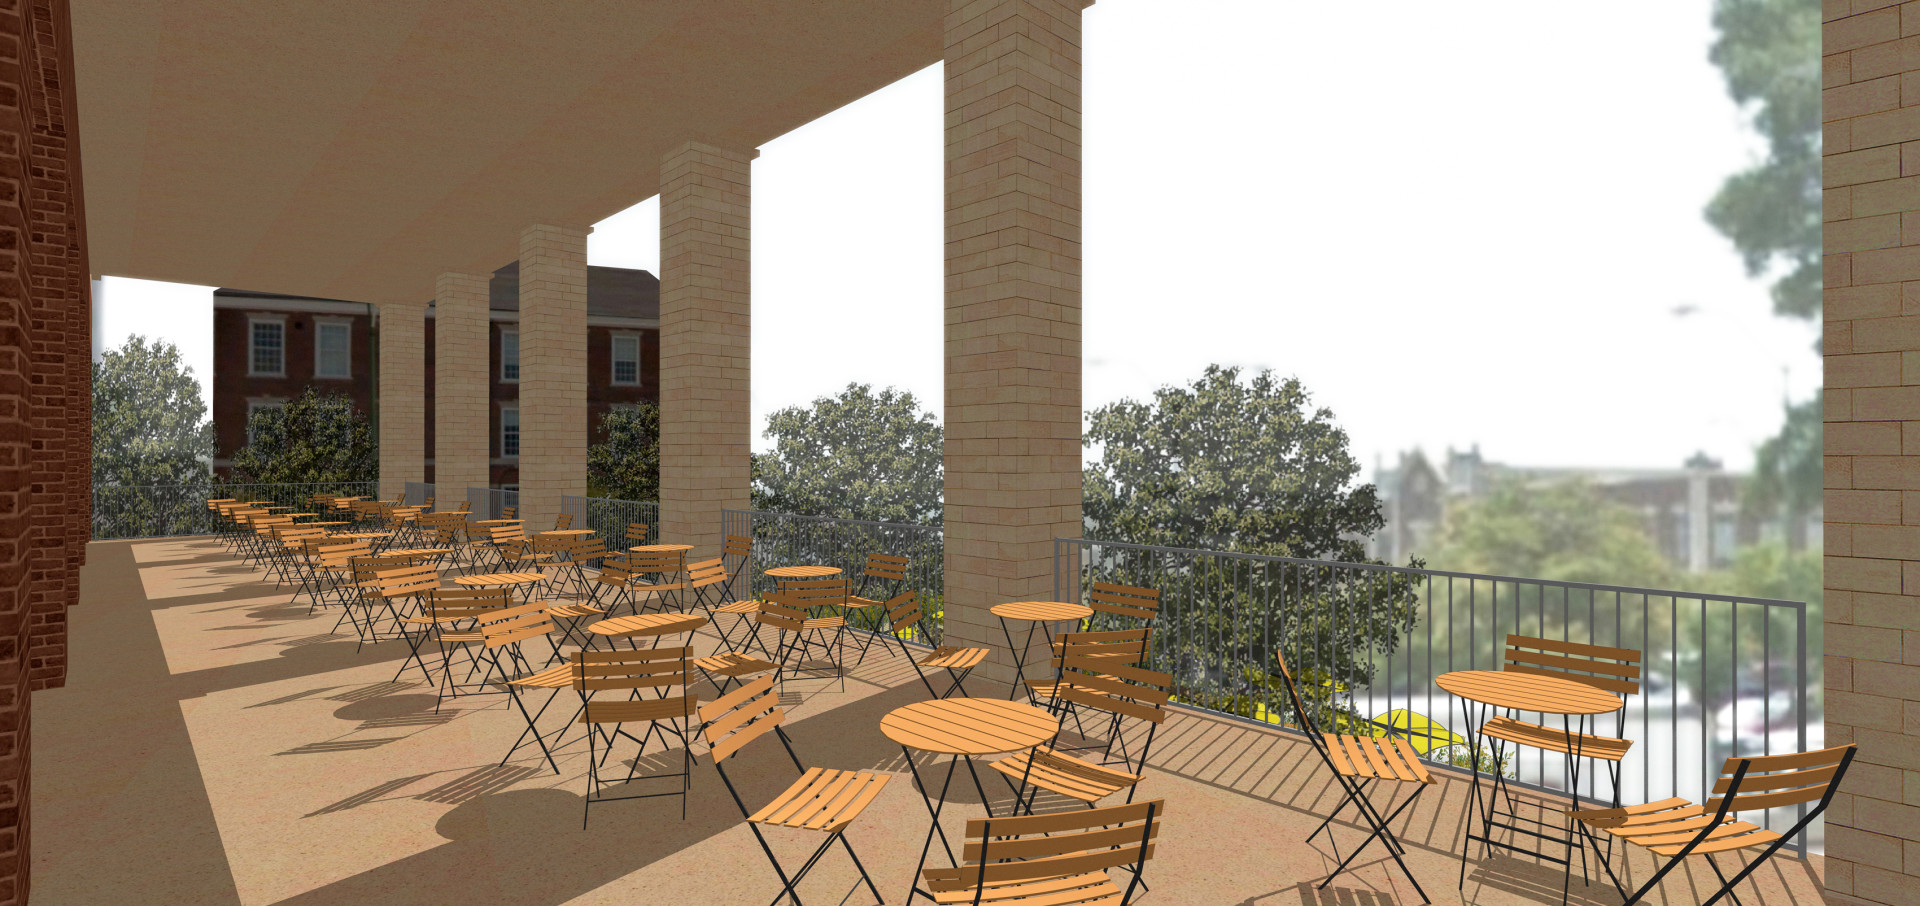 Second floor terrace design rendering